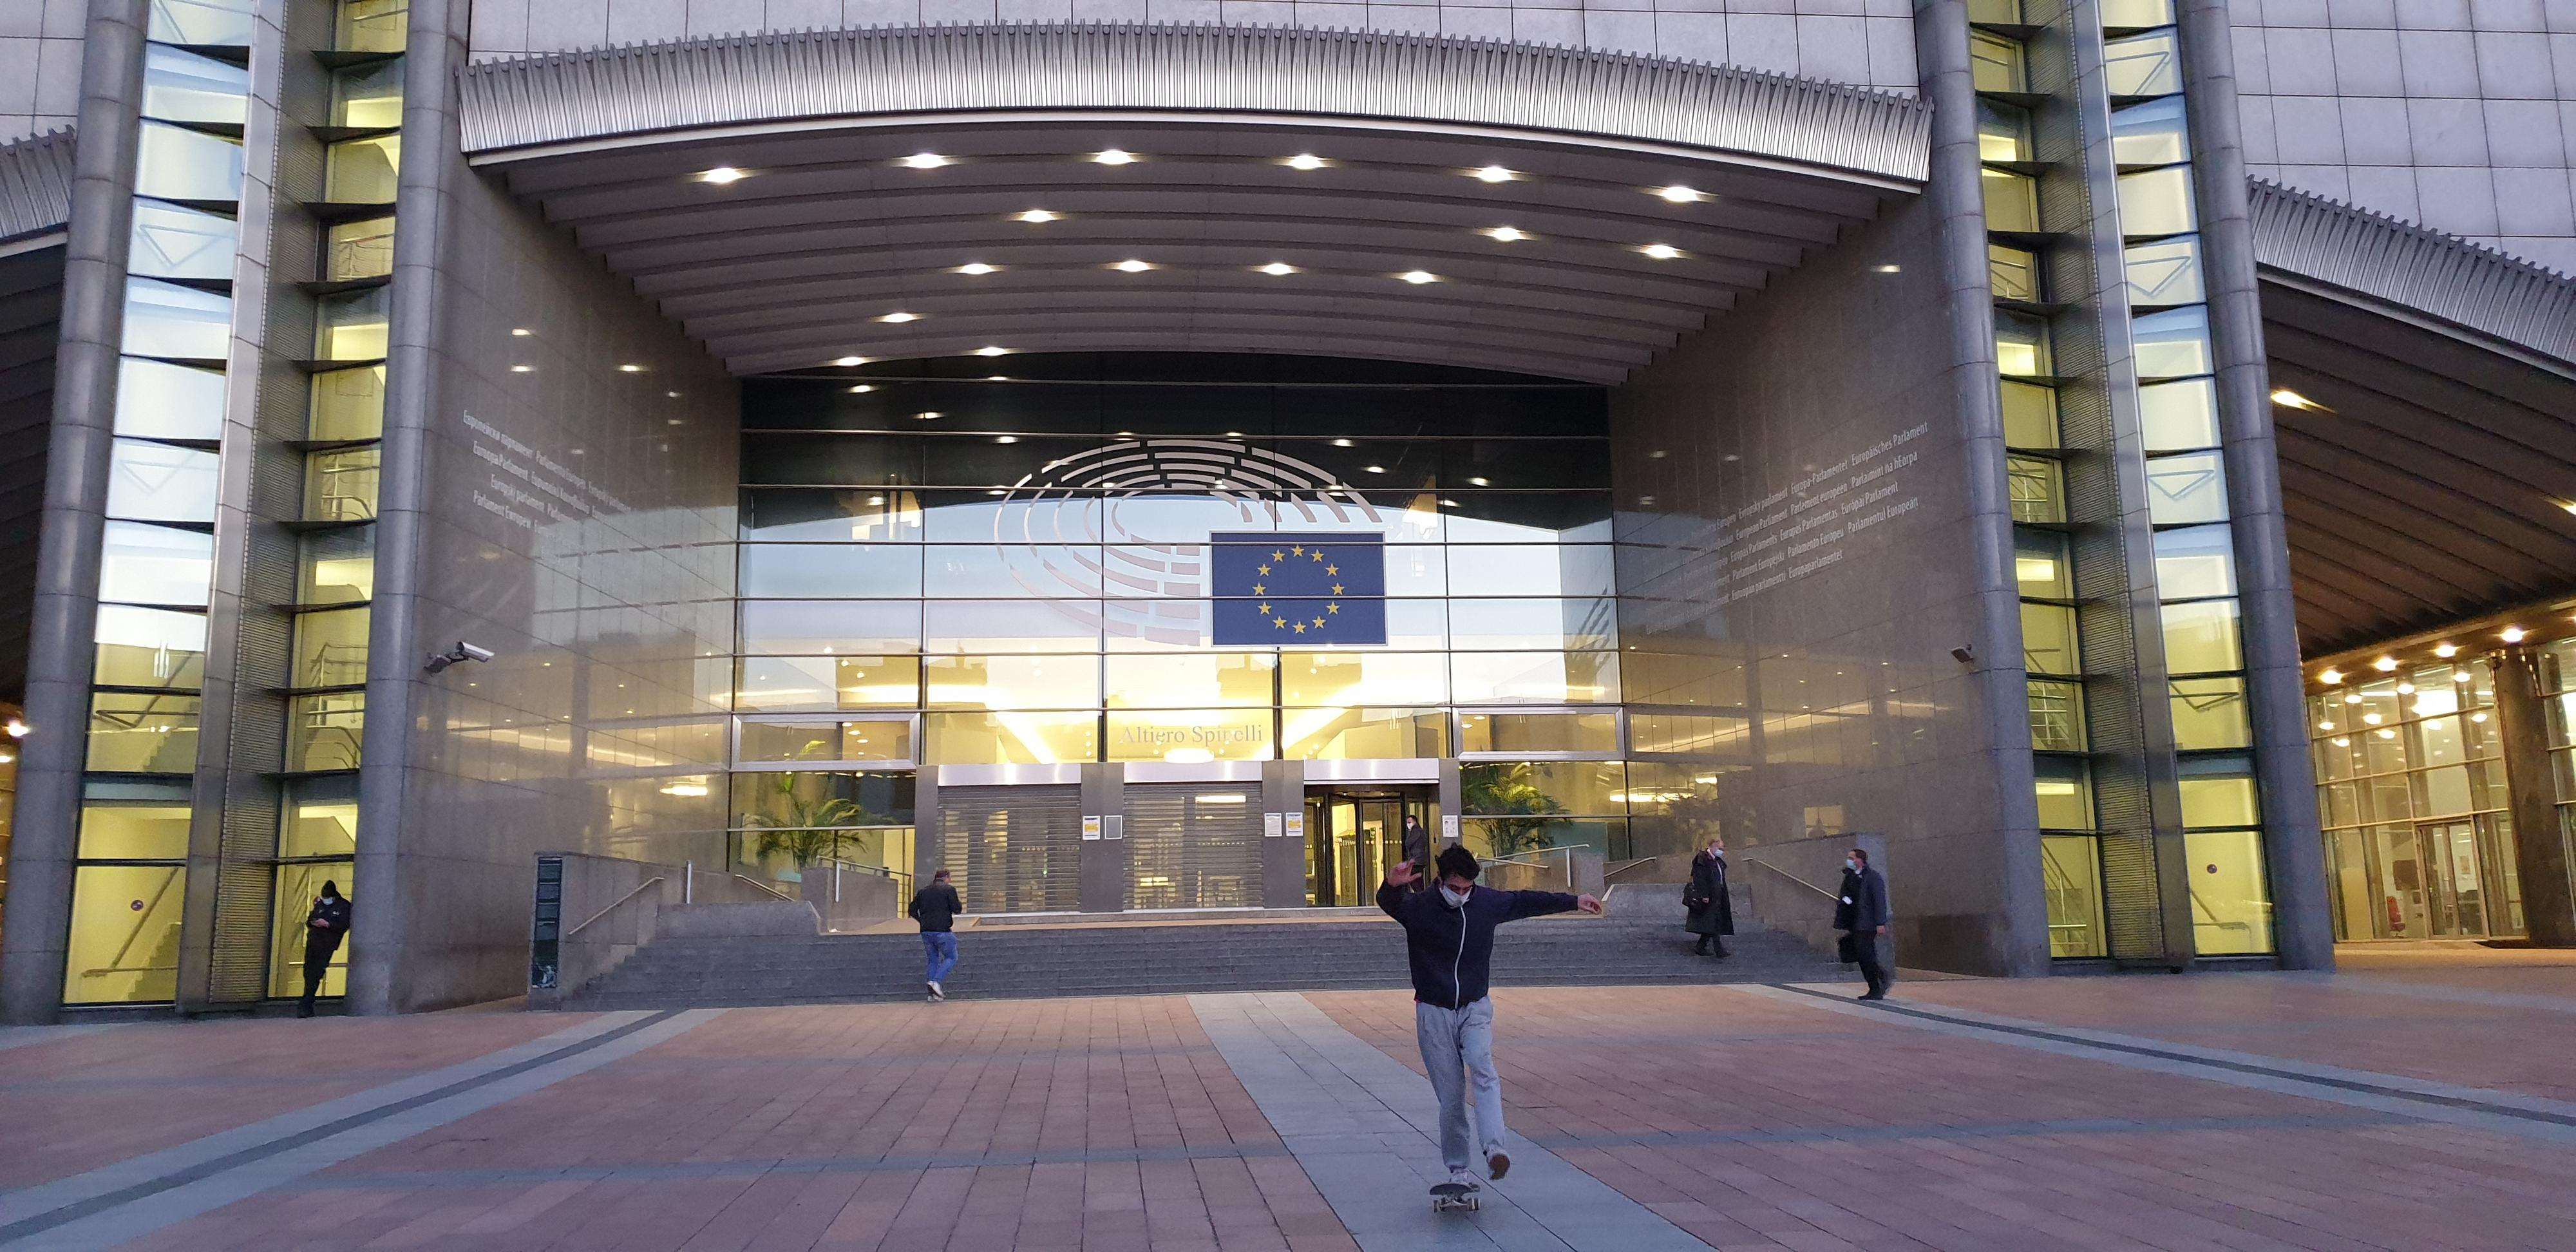 Yksi Euroopan parlamentin sisäänkäynneistä Brysselissä. Kuva: FinUnions